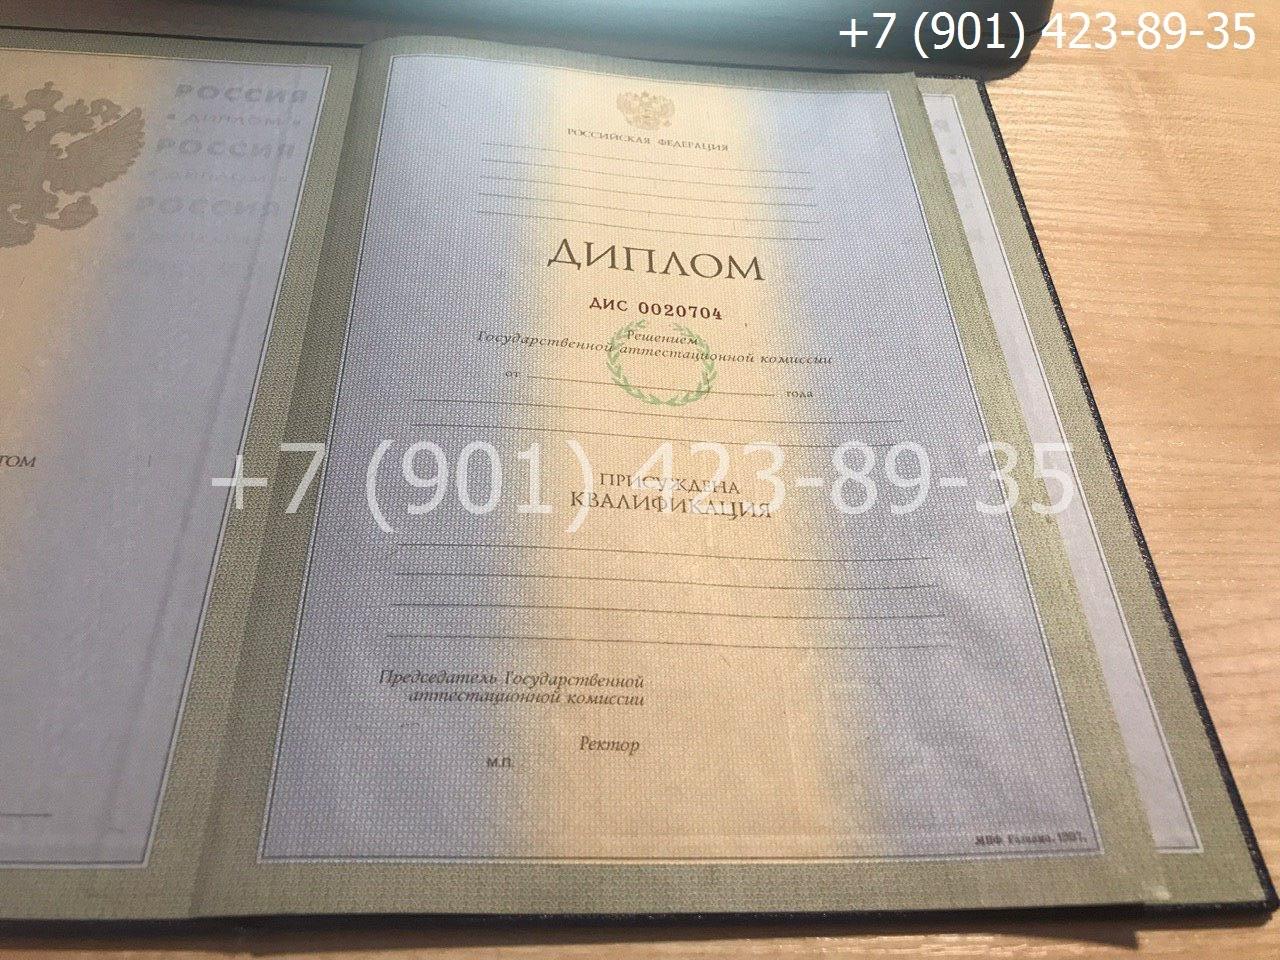 Диплом бакалавра 1997-2003 годов, старого образца, титульный лист